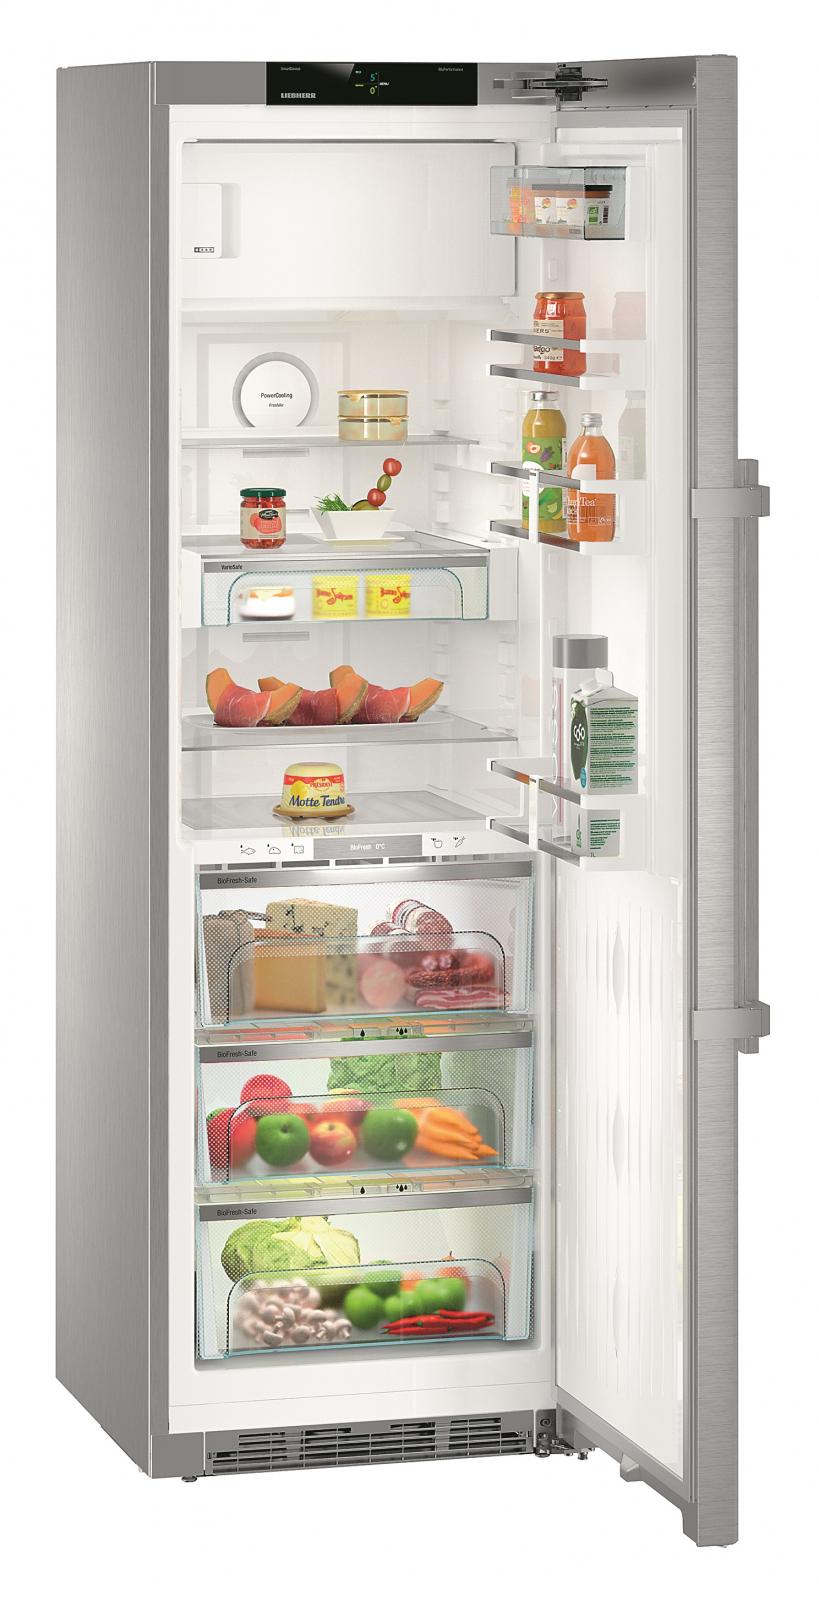 купить Однокамерный холодильник Liebherr KBPes 4354 Украина фото 0